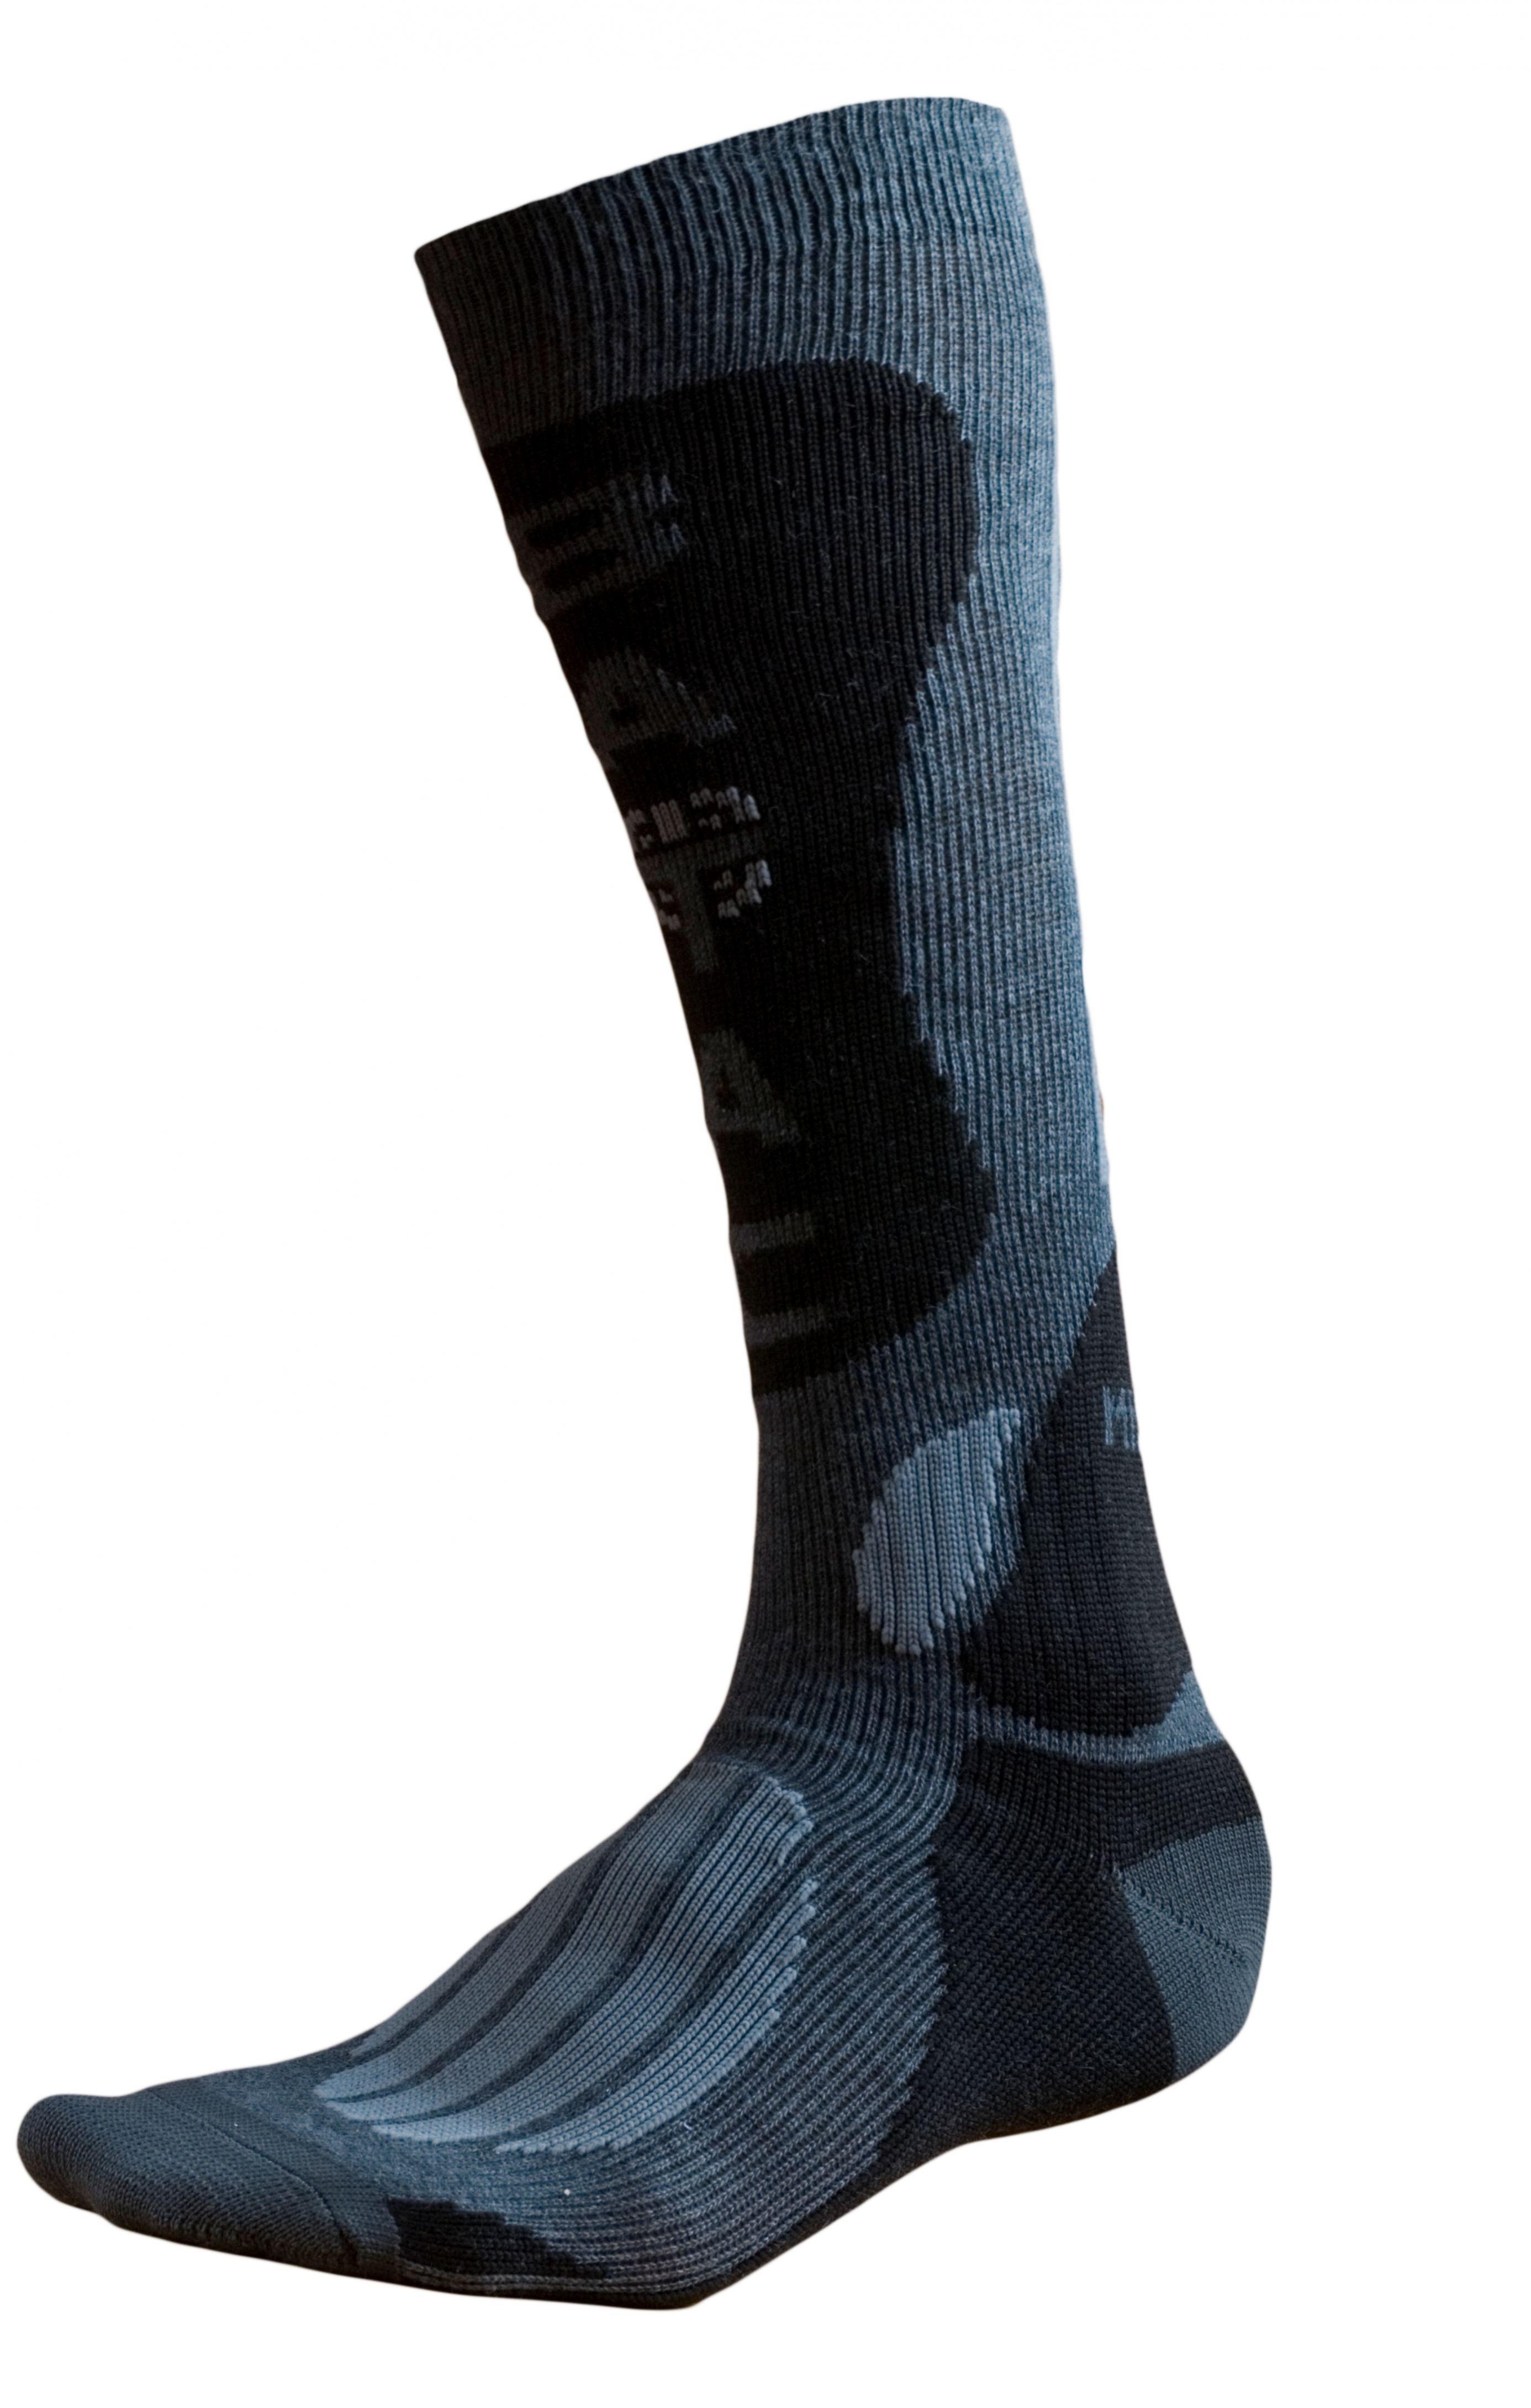 Ponožky BATAC Mission MI10 vel. 36-38 - grey